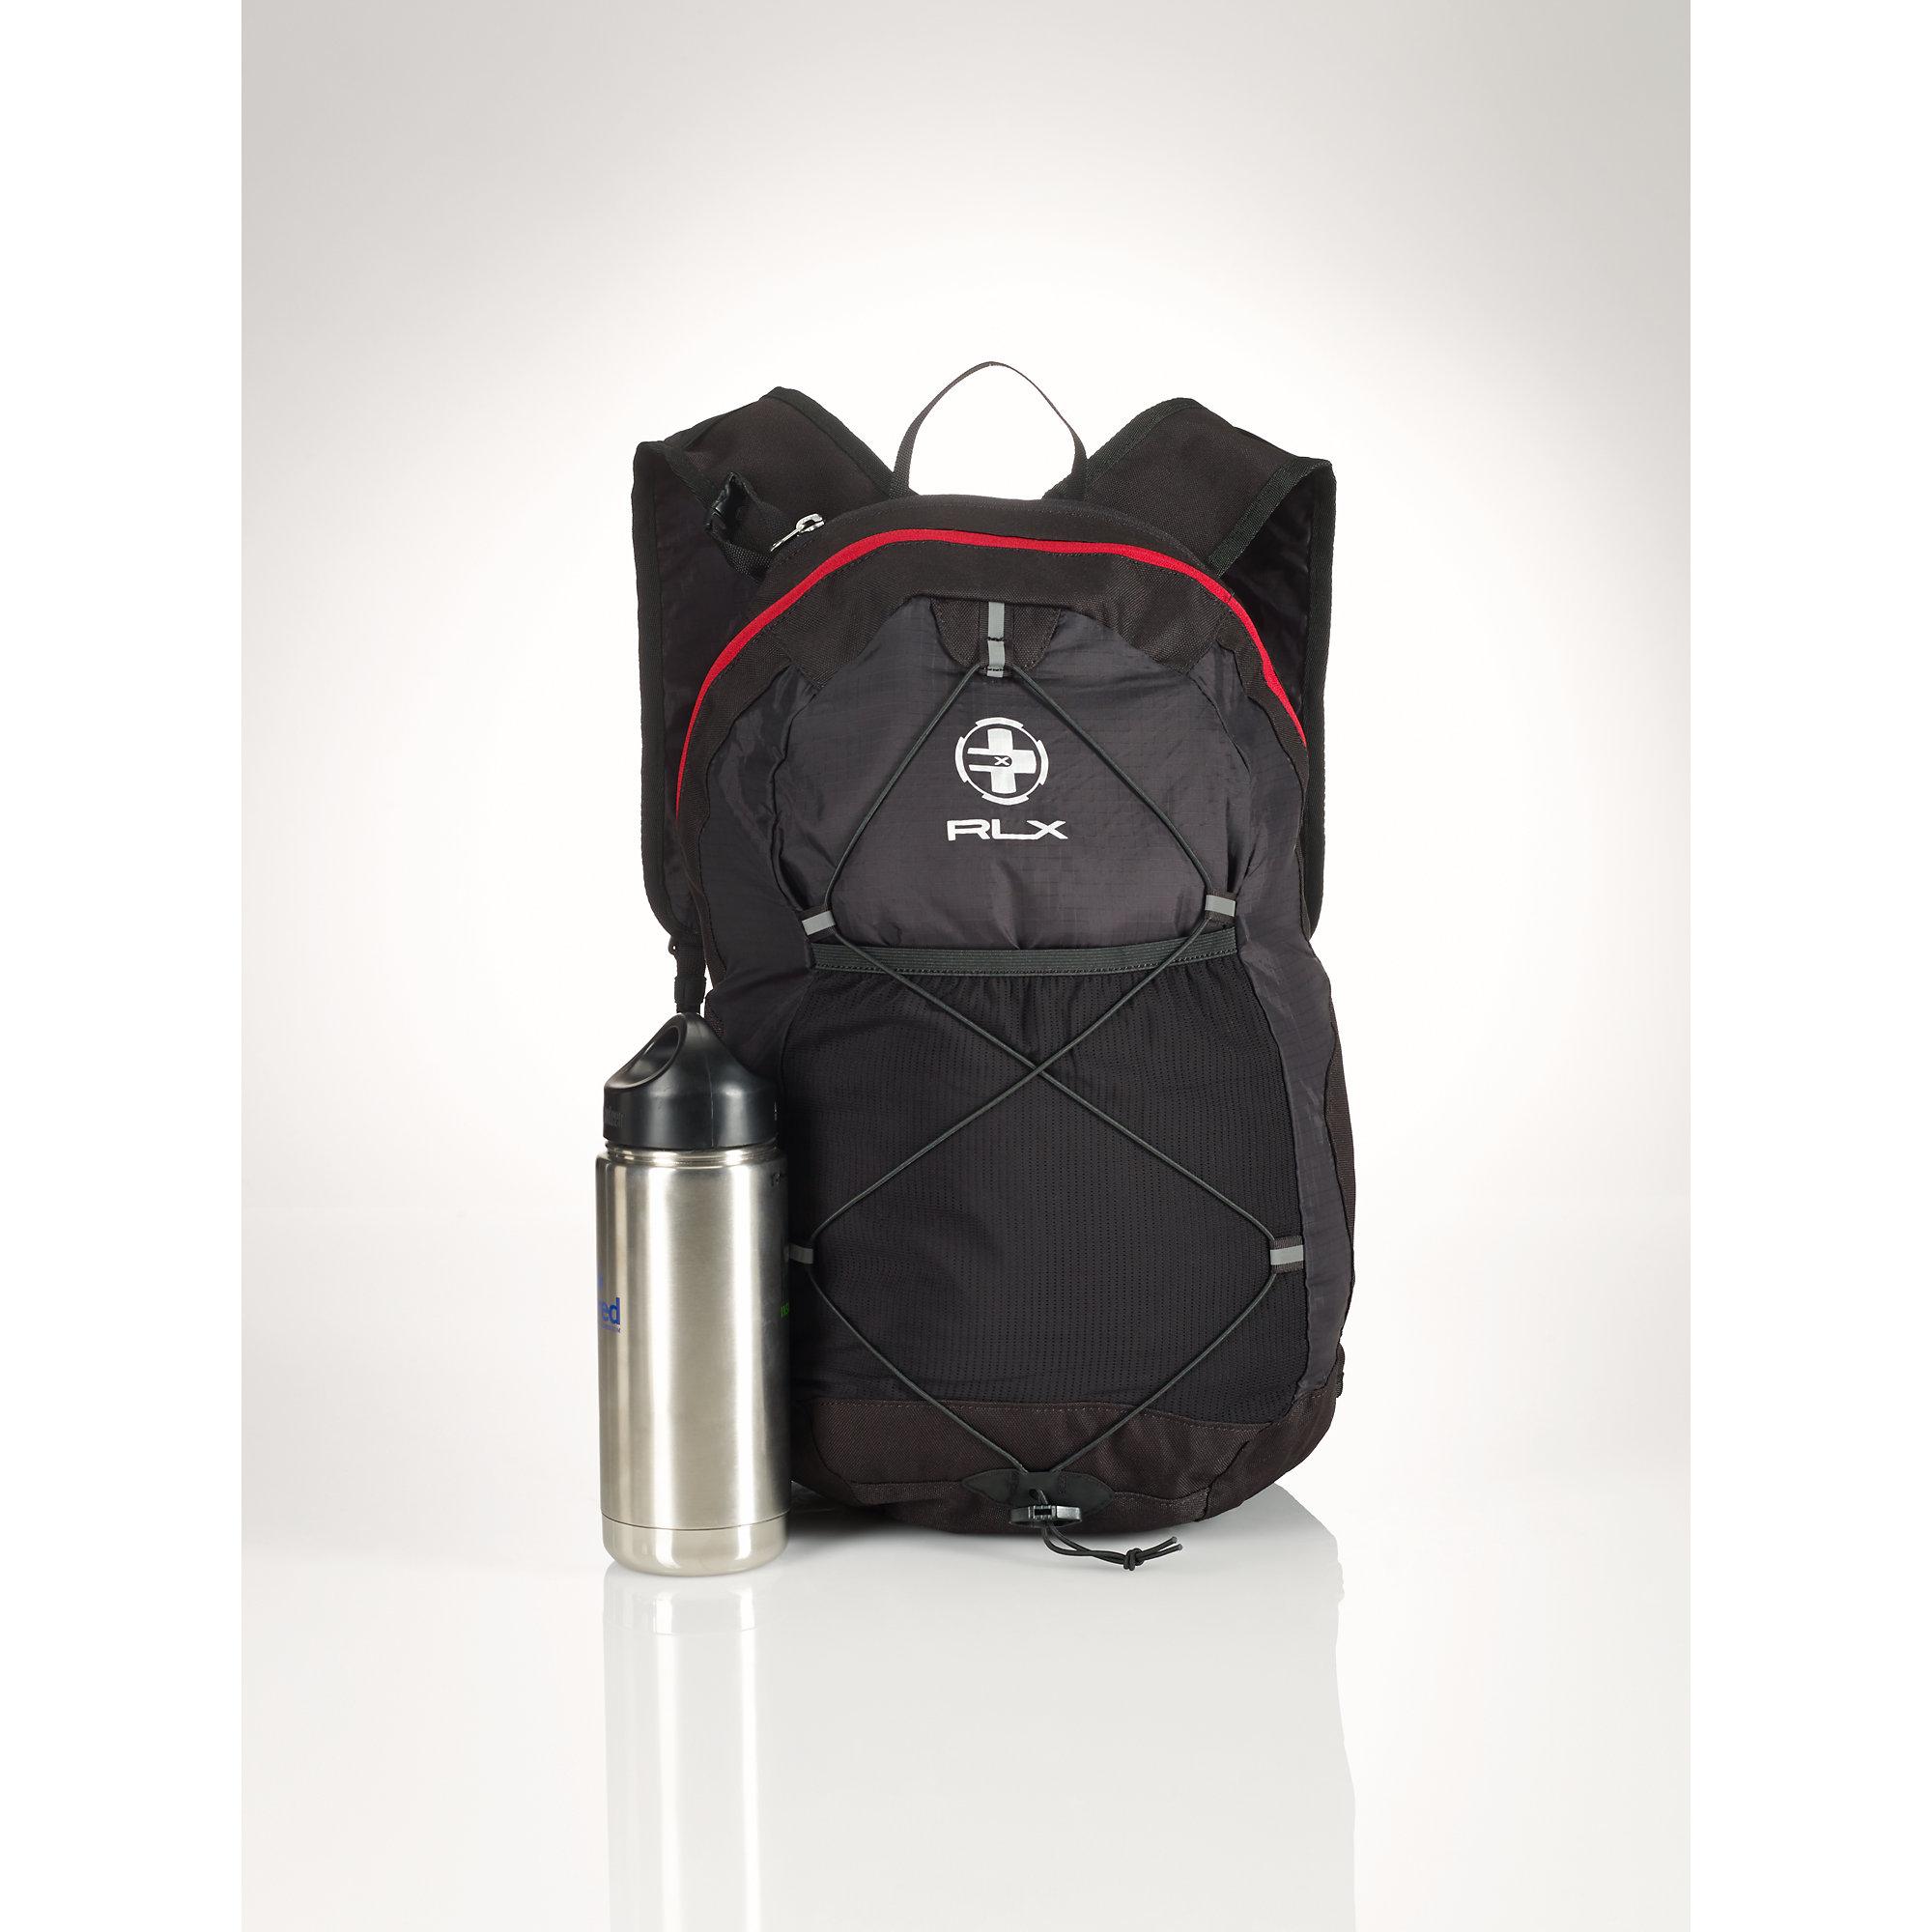 9bcd4ff9e9 Lyst - Polo Ralph Lauren Rlx Packable Nylon Backpack in Black for Men